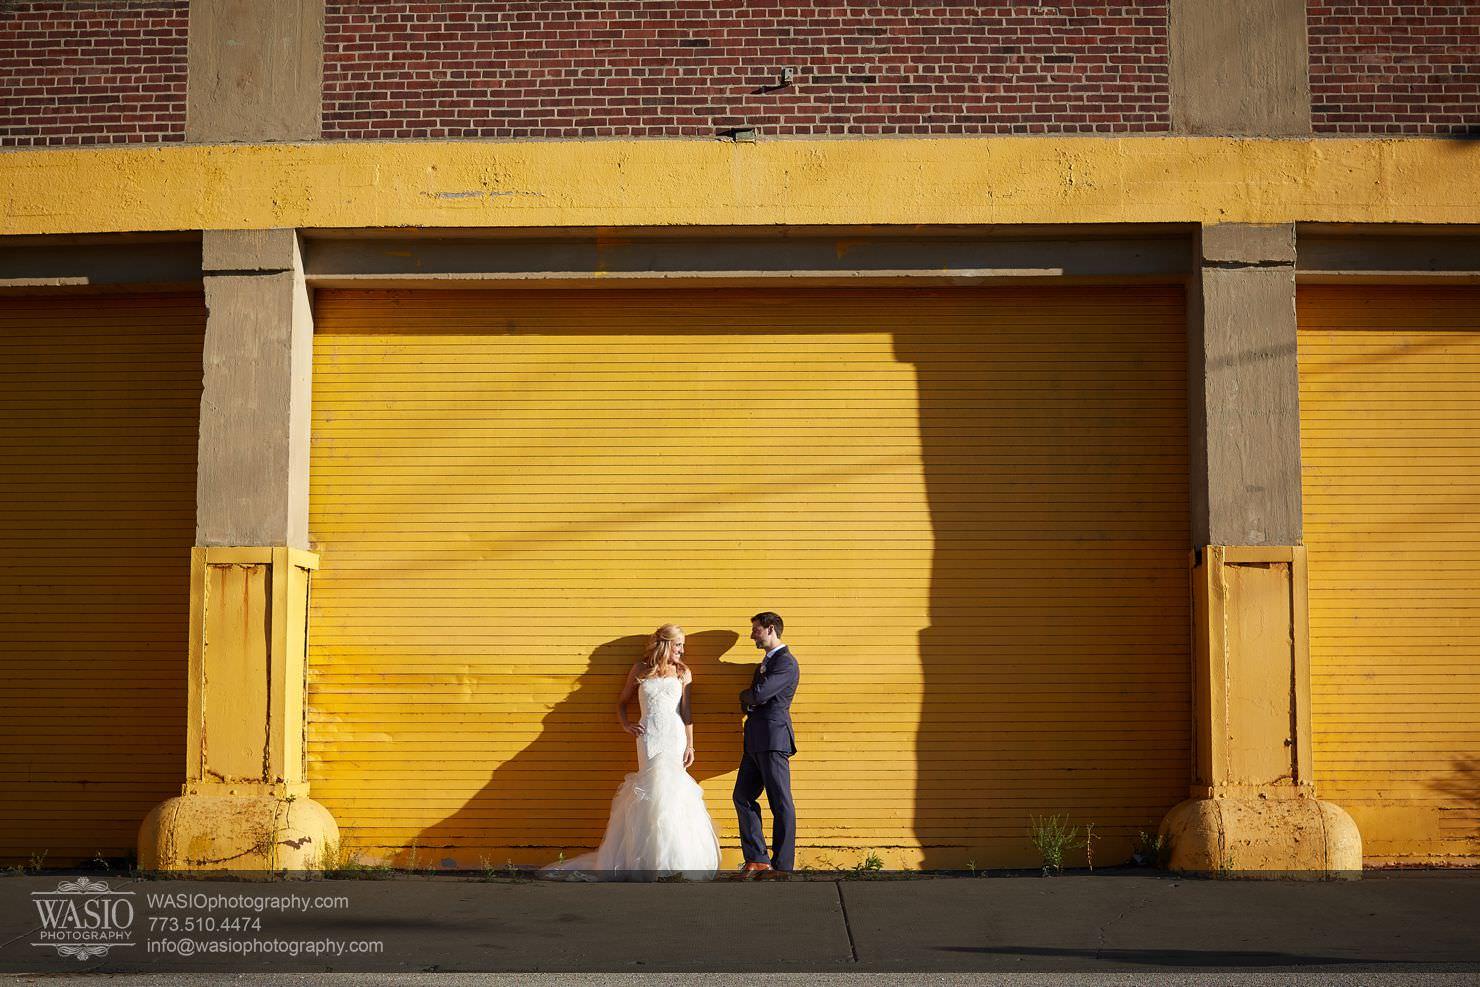 16_Chicago-Gallery-Wedding_0O3A8538 Chicago Gallery Wedding - Courtney + Danny